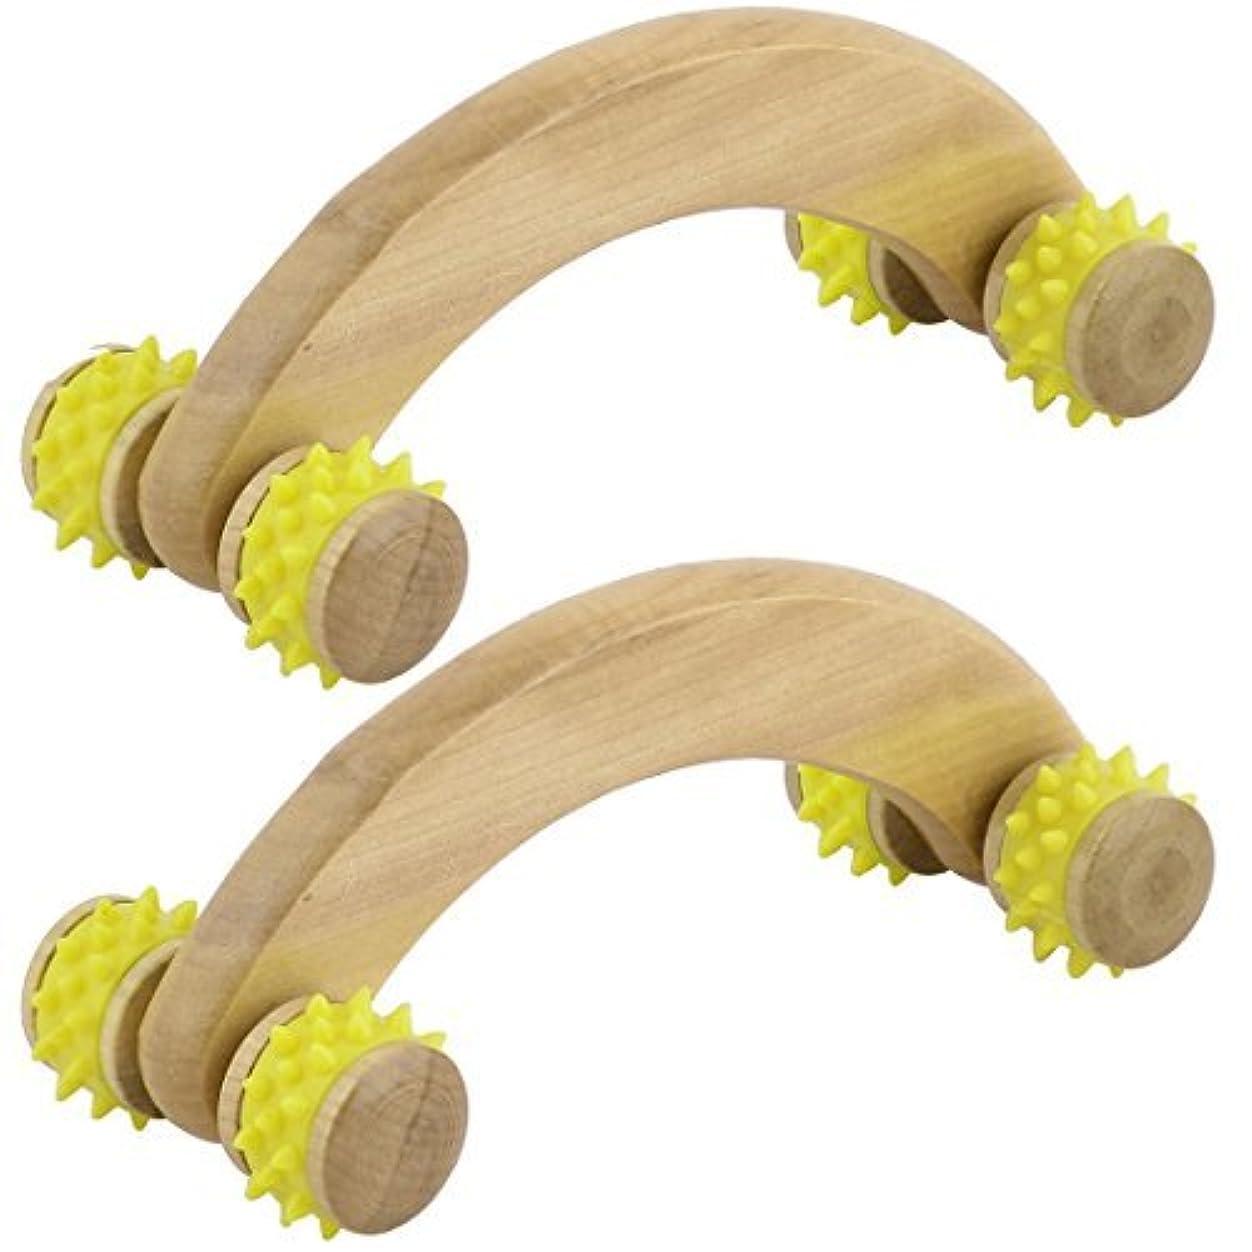 発症余計な口径イエローDealMux木製家庭のストレスリリーフボディネックショルダー筋マッサージローラー2PCS